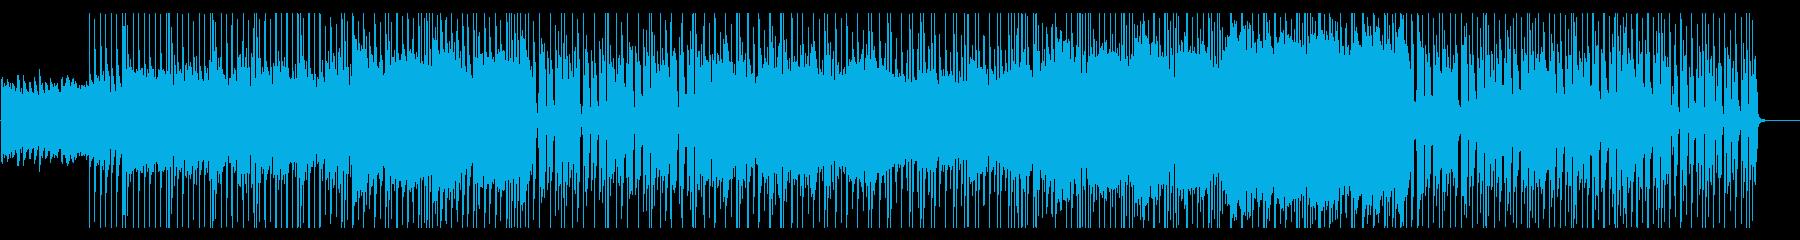 クリーンギターのフレーズが印象的なロックの再生済みの波形